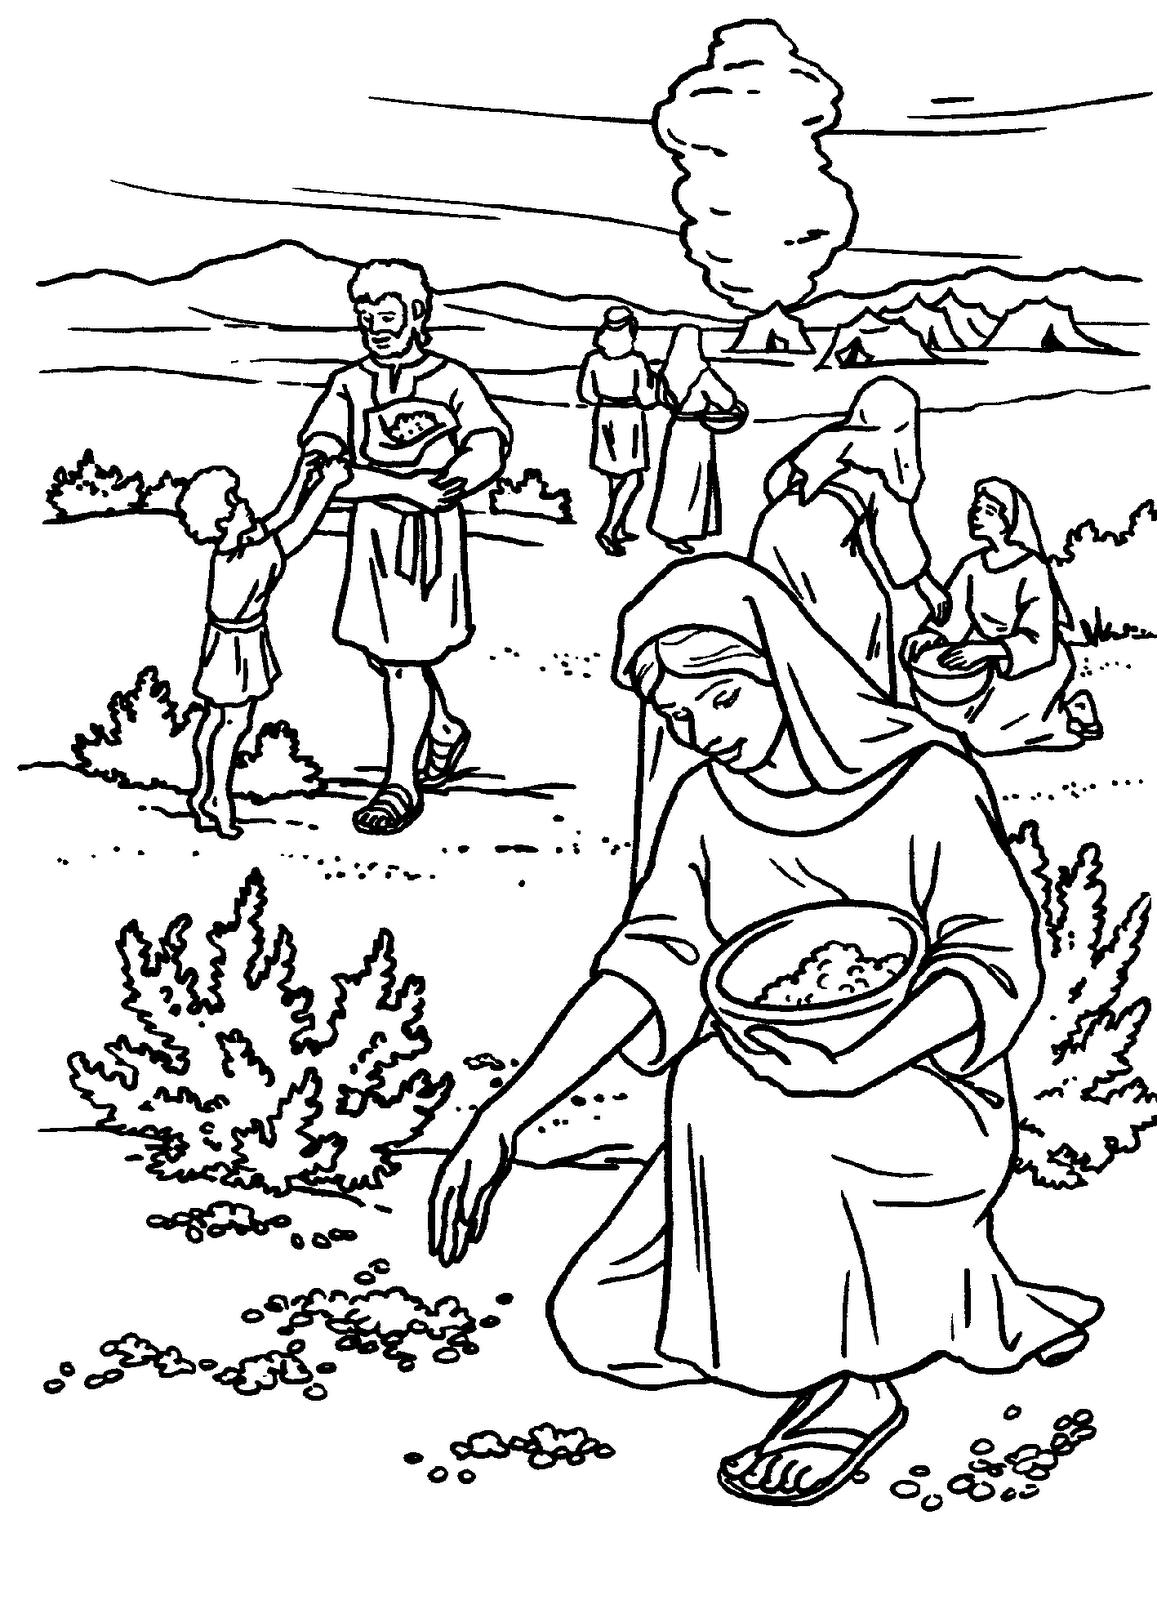 Dibujo Del Pueblo De Israel Recogiendo Mana Para Colorear